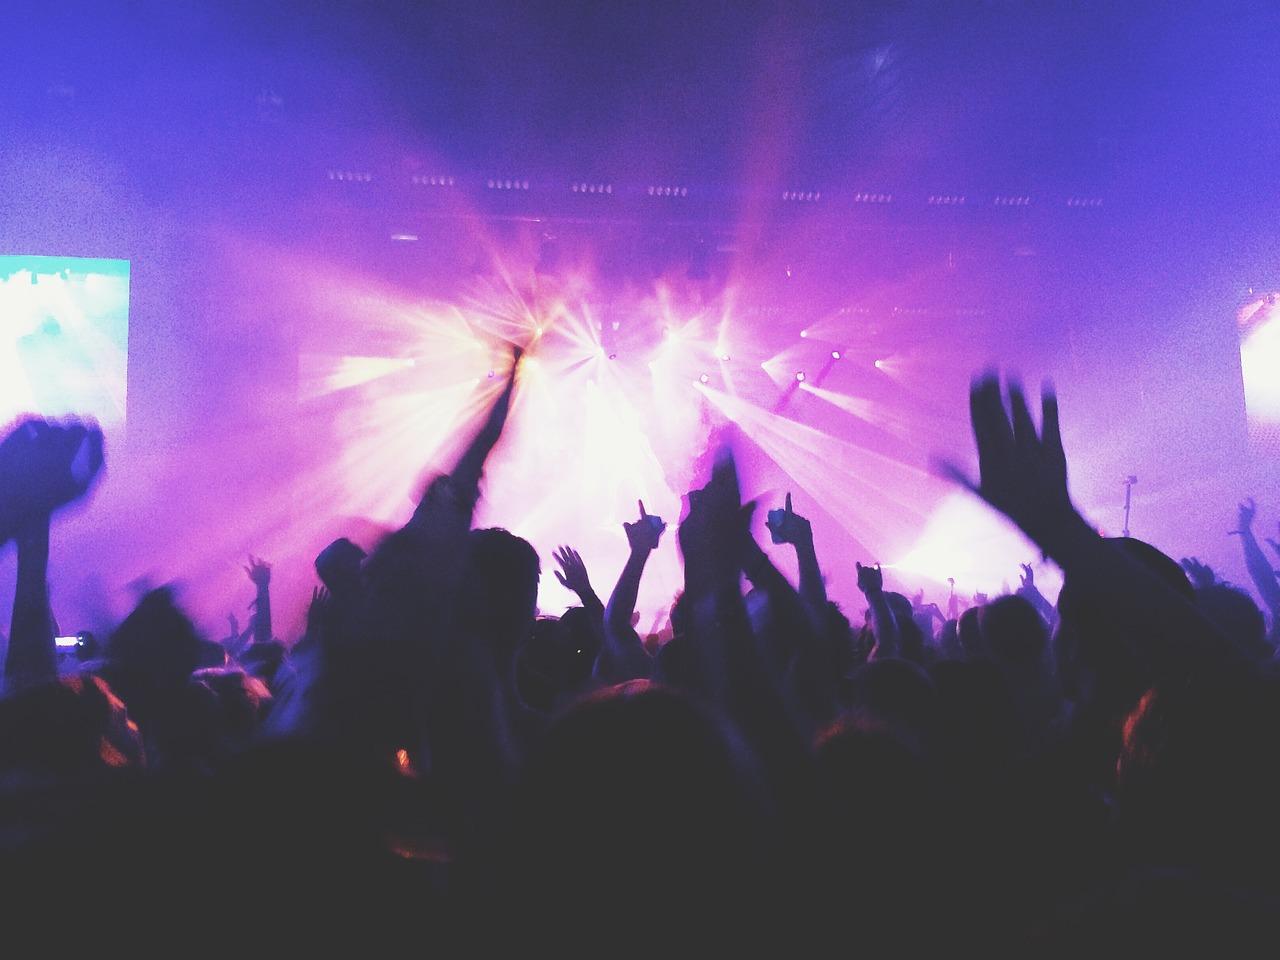 concierto, música, multitud